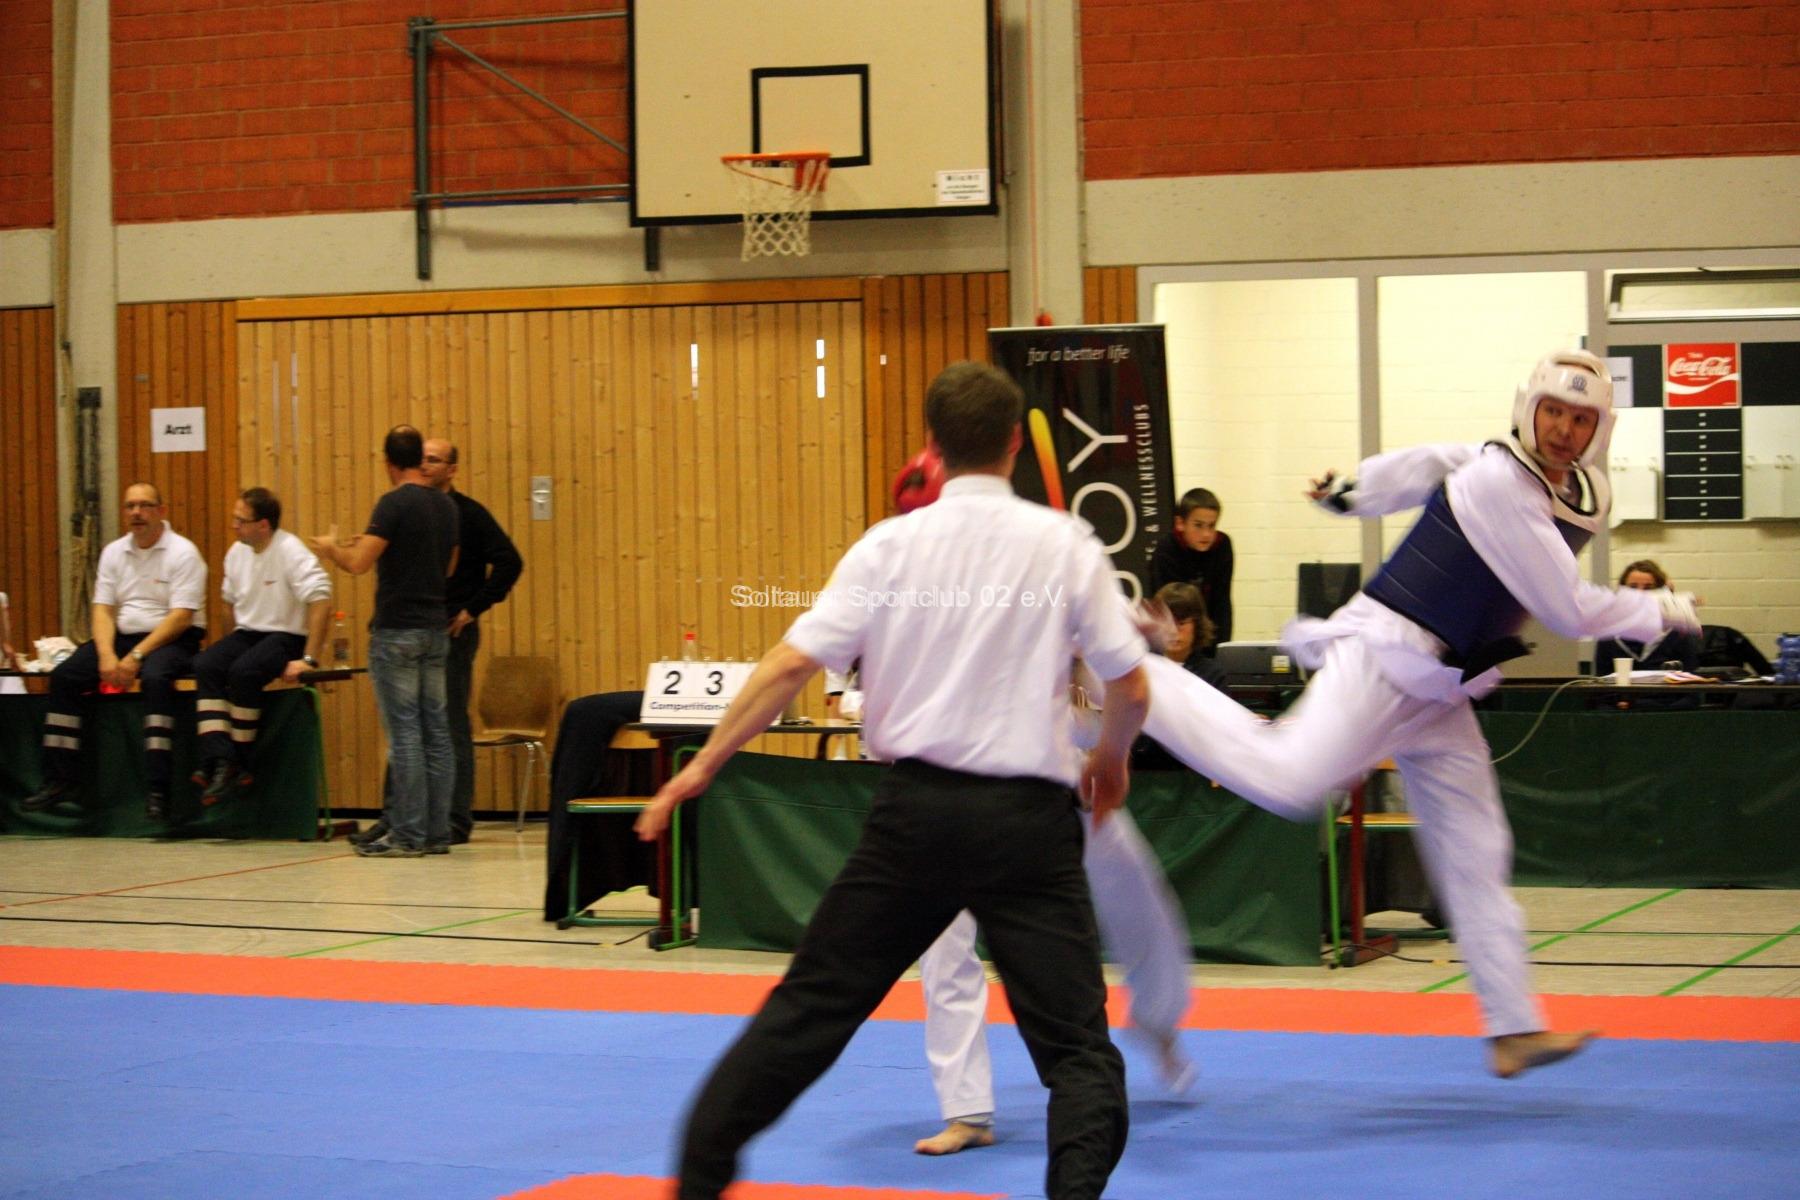 20091121-nds-meisterschaft-fk2-022